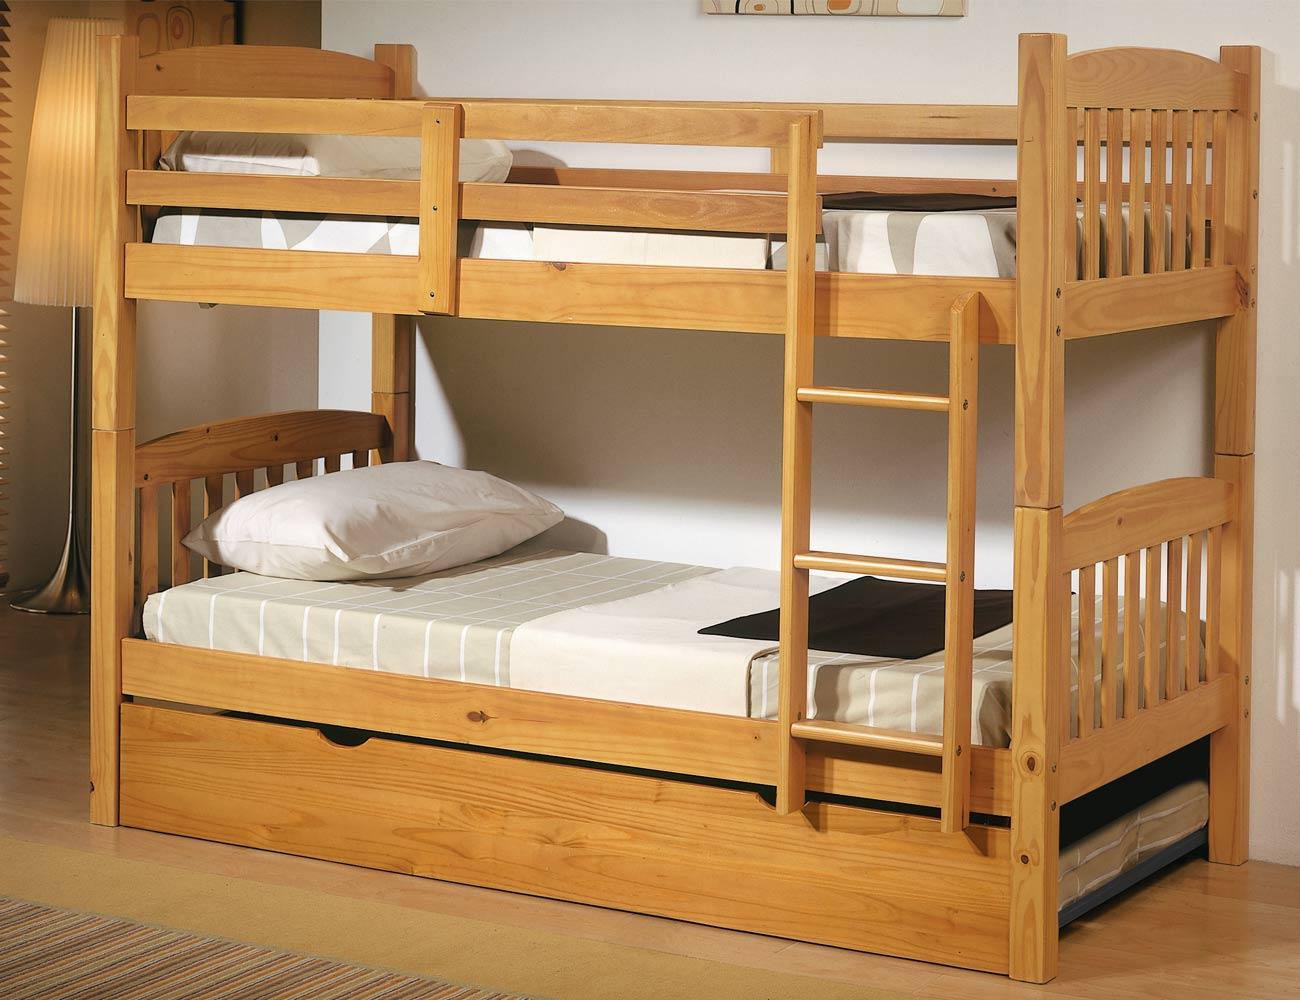 Cama litera dormitorio juvenil en madera color miel con somieres de lamas 8087 factory del - Somieres cama nido ...